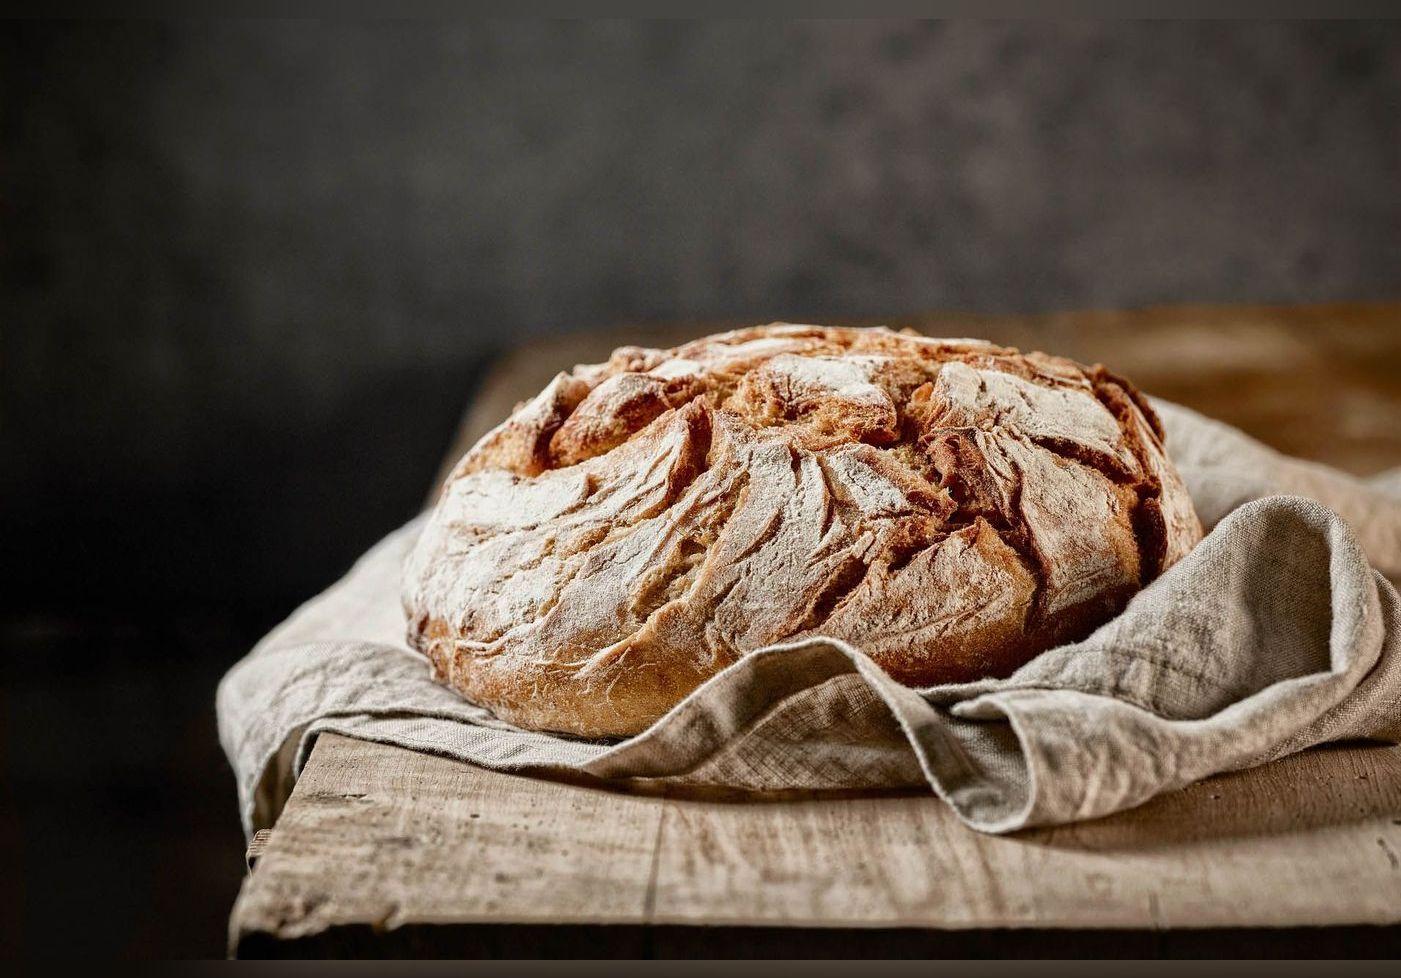 Eric Kayser réalise un pain aux trois céréales, une recette facile et accessible à tous